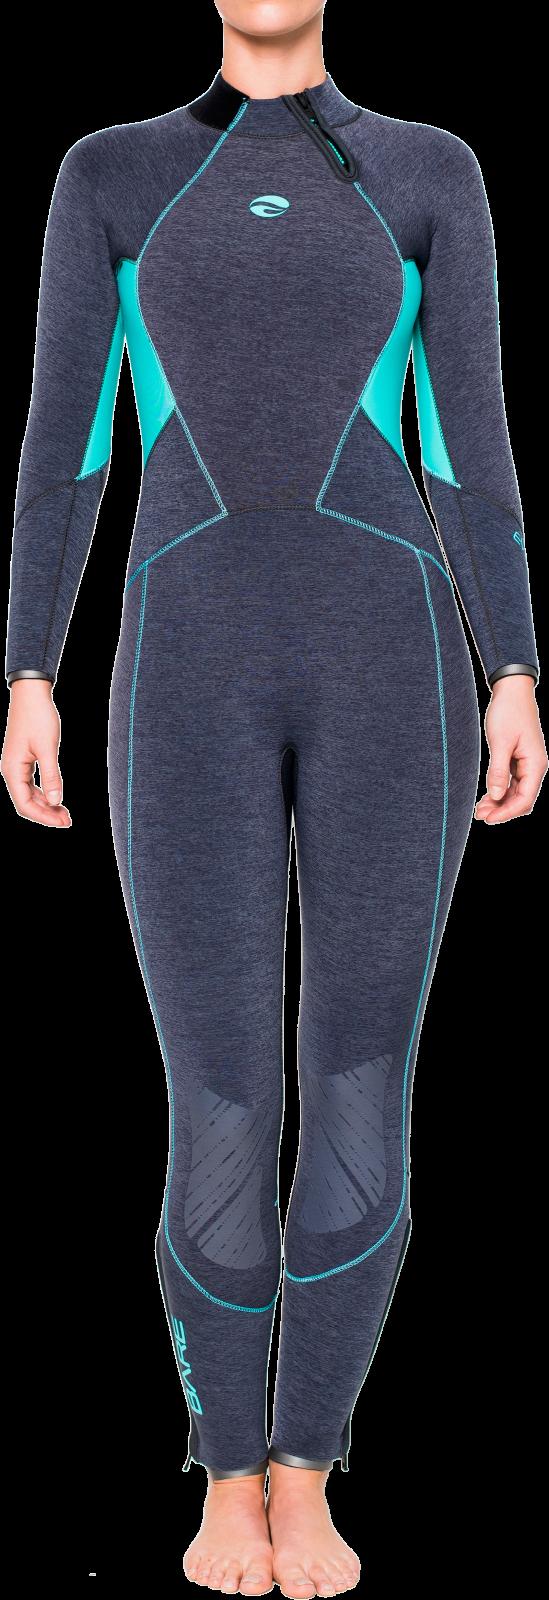 BARE Evoke Wetsuit: Women's 5mm Full Wetsuit - Backzip